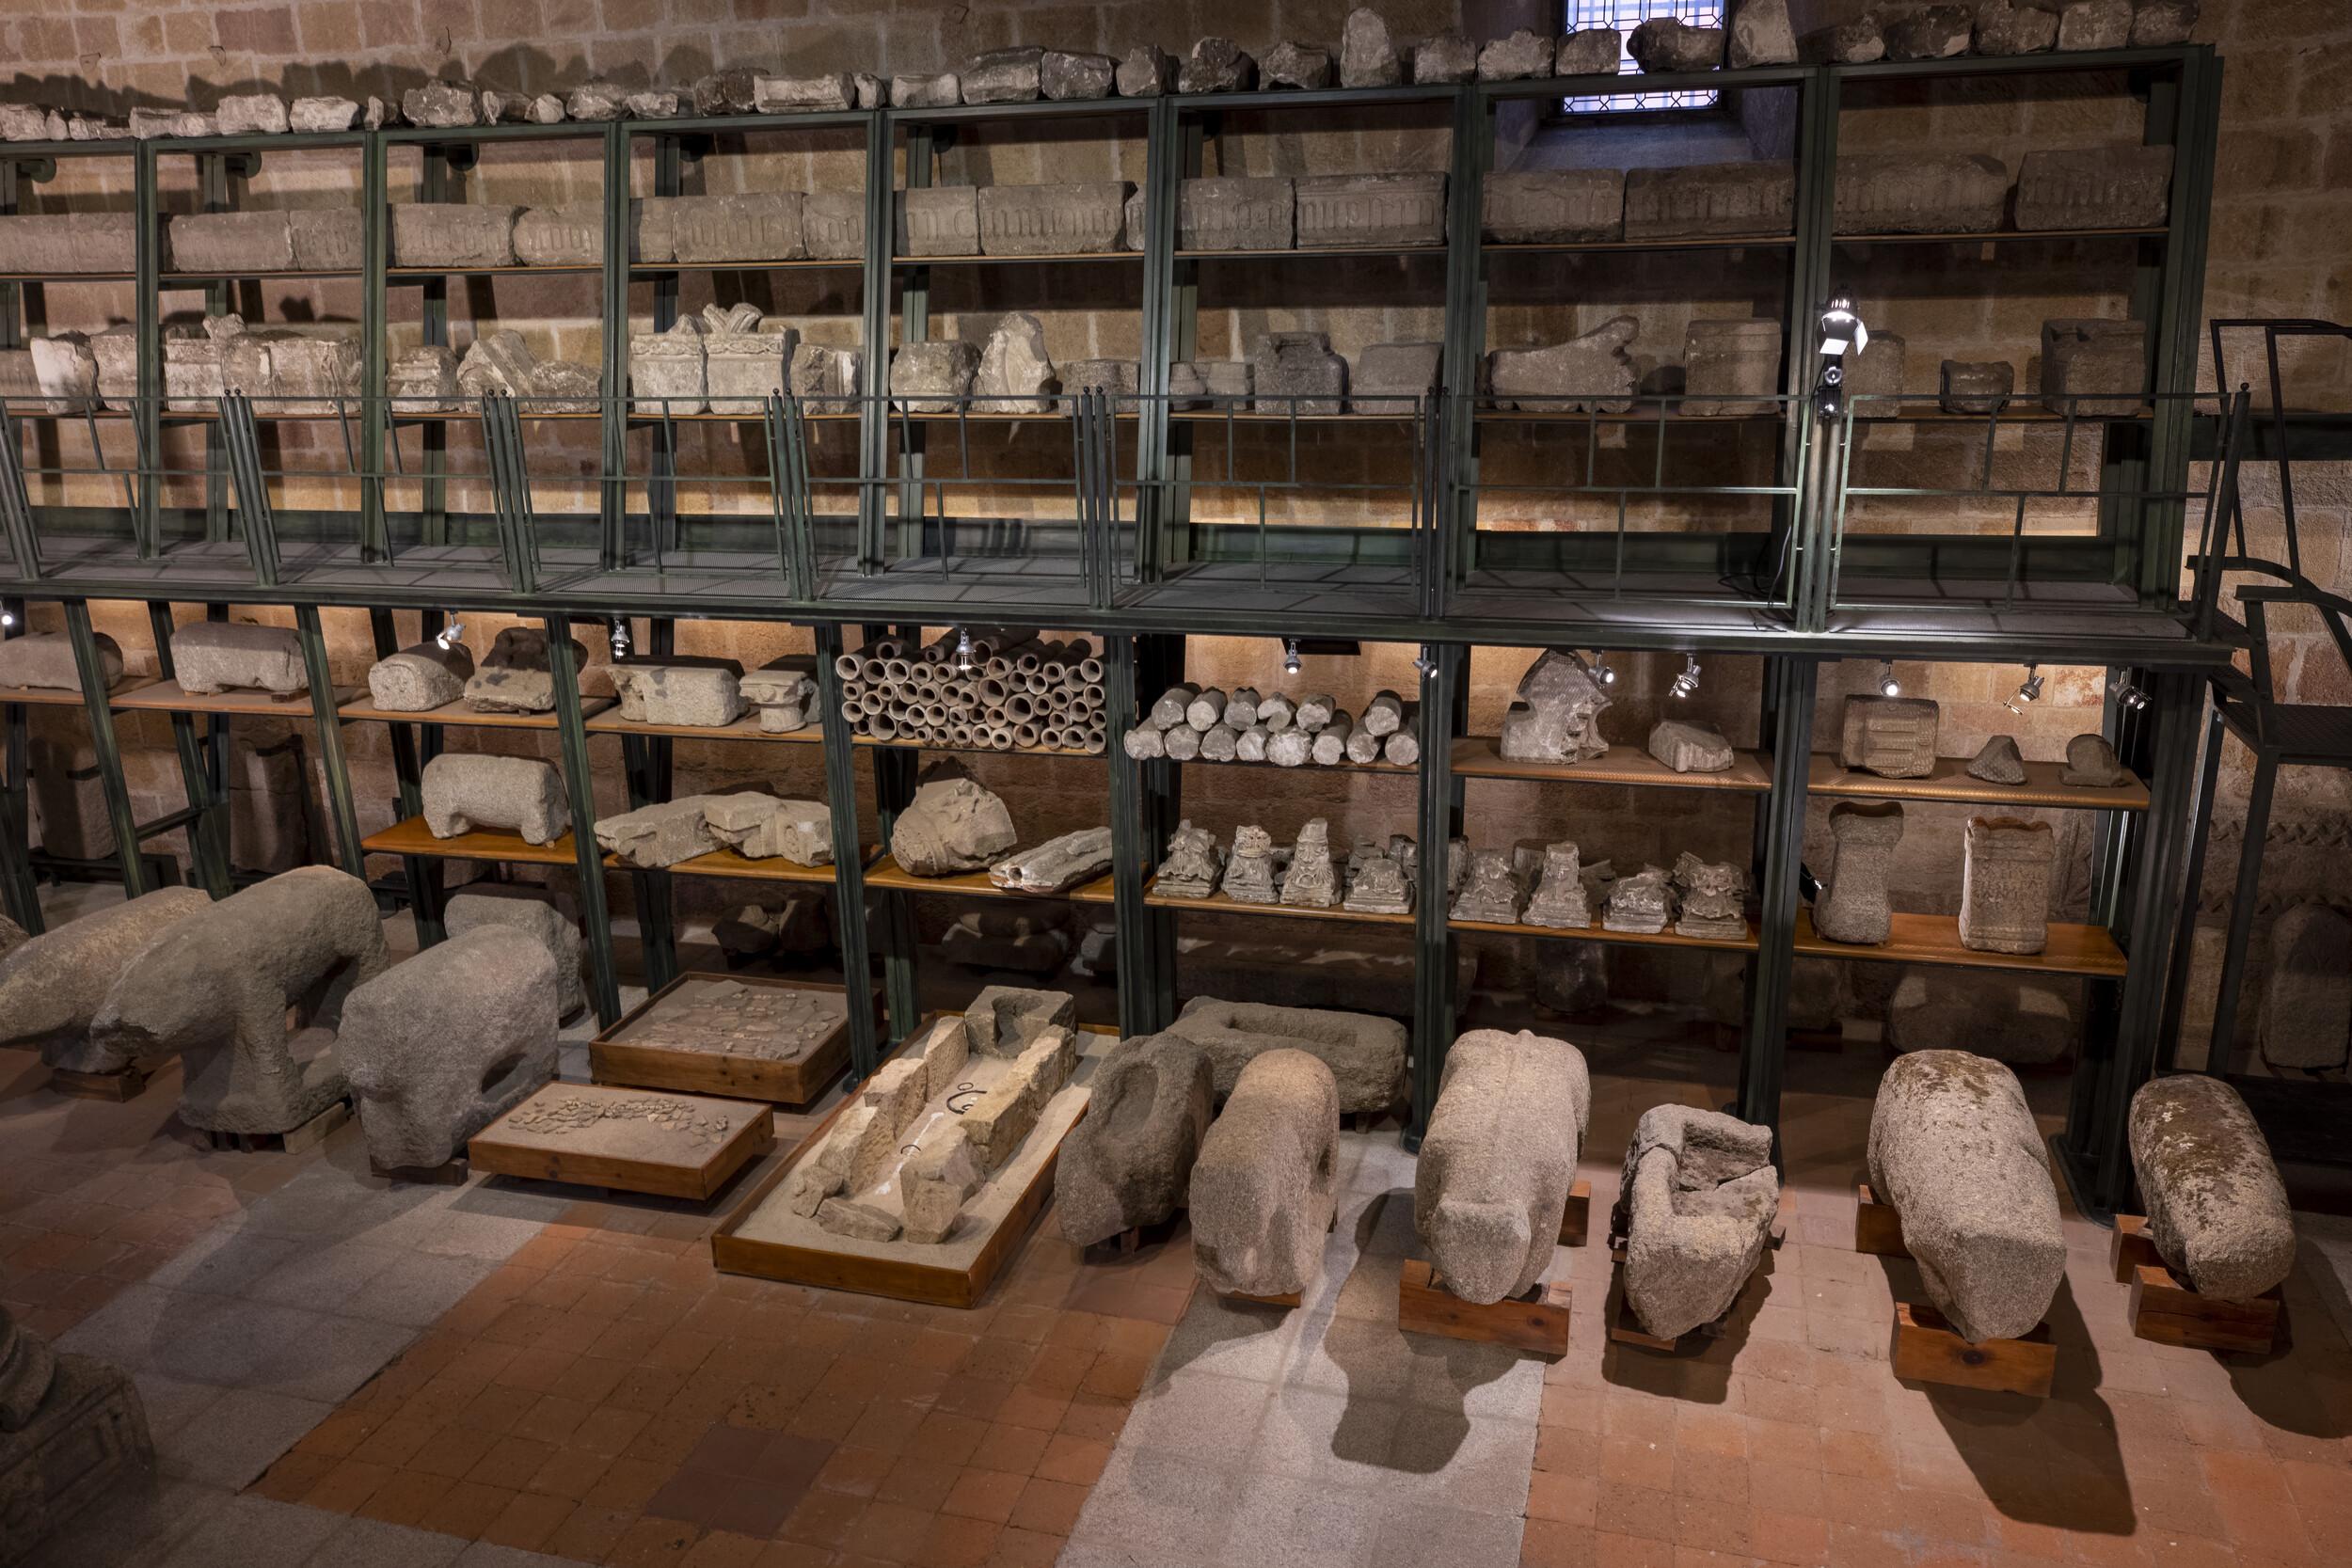 Verracos y cistasEl Palomar, MartiherreroRoma. Siglo II / III d.C.Granito [75/5/14 a 20] Almacén Visitable de Santo Tomé